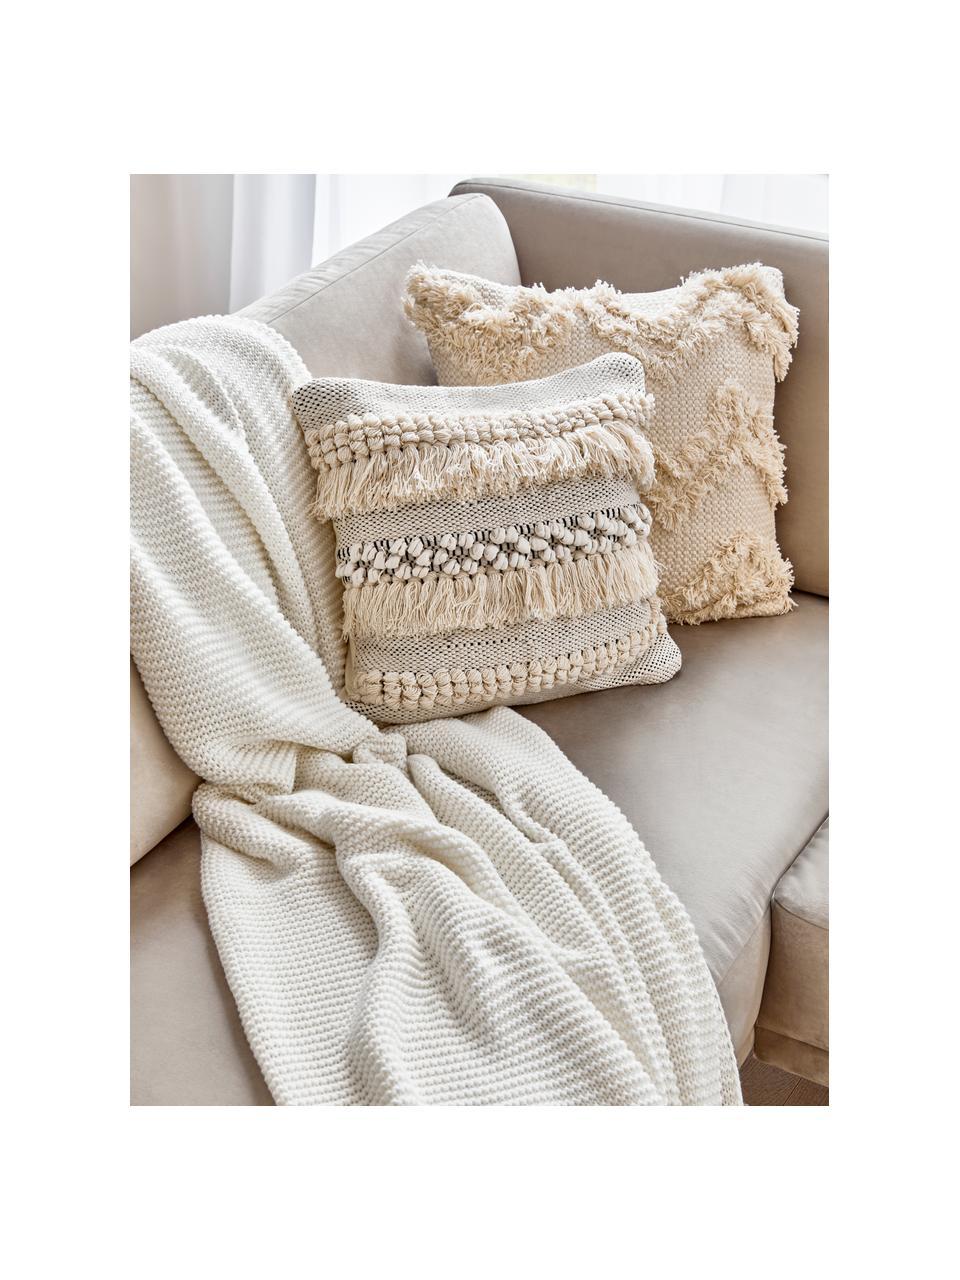 Dzianinowy koc z bawełny organicznej  Adalyn, 100% bawełna organiczna, certyfikat GOTS, Naturalny biały, S 150 x D 200 cm